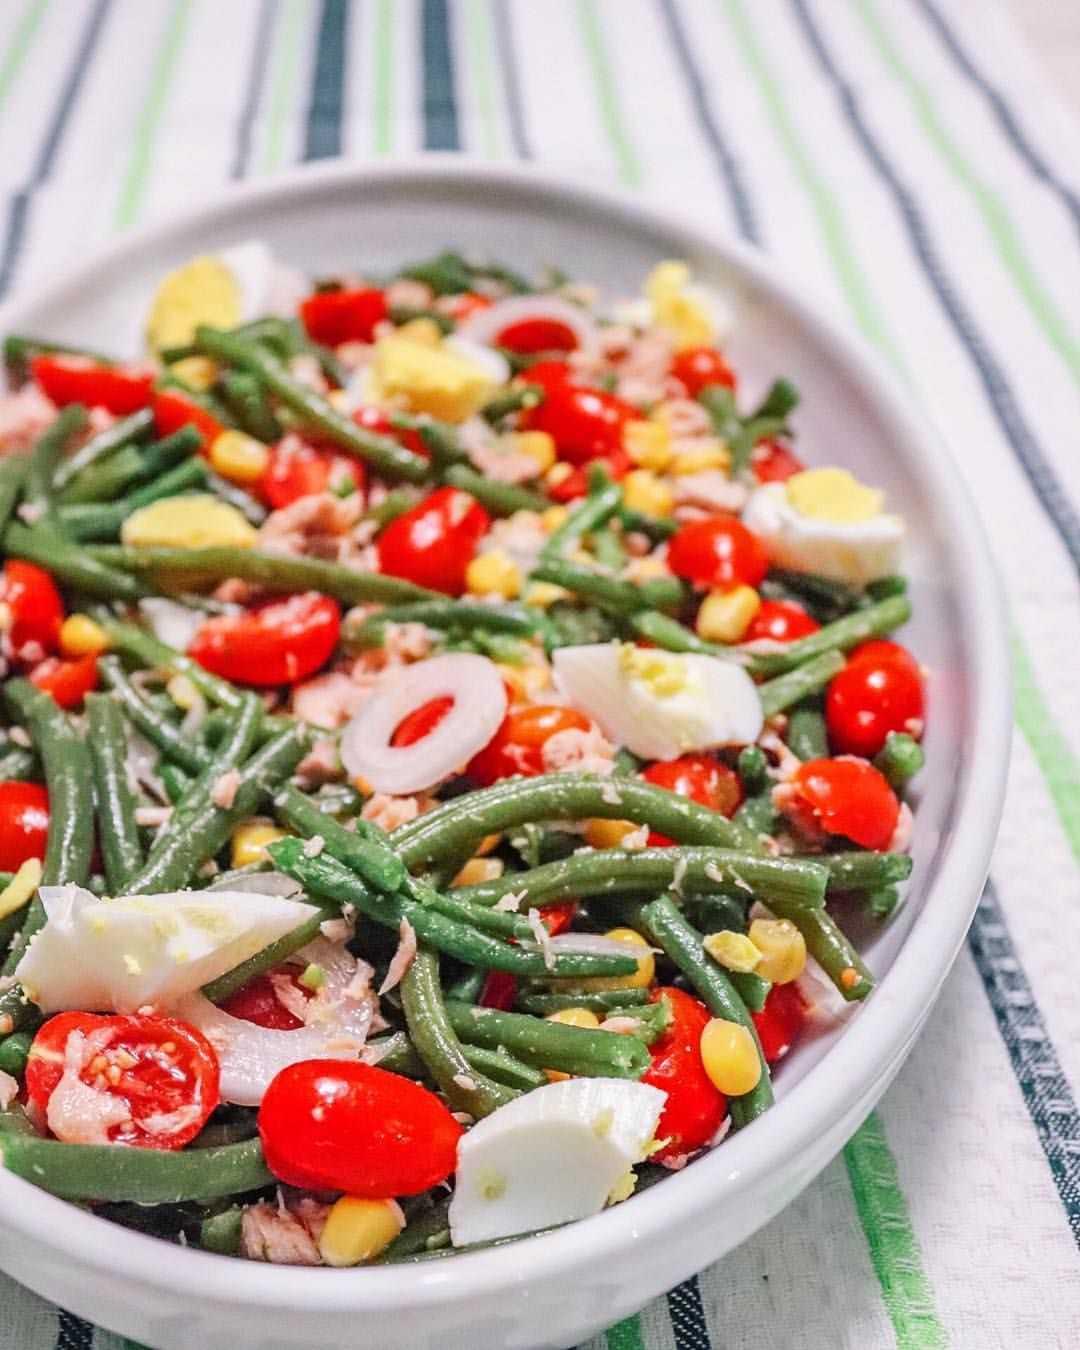 Салат из стручковой фасоли: рецепты с фото пошагово